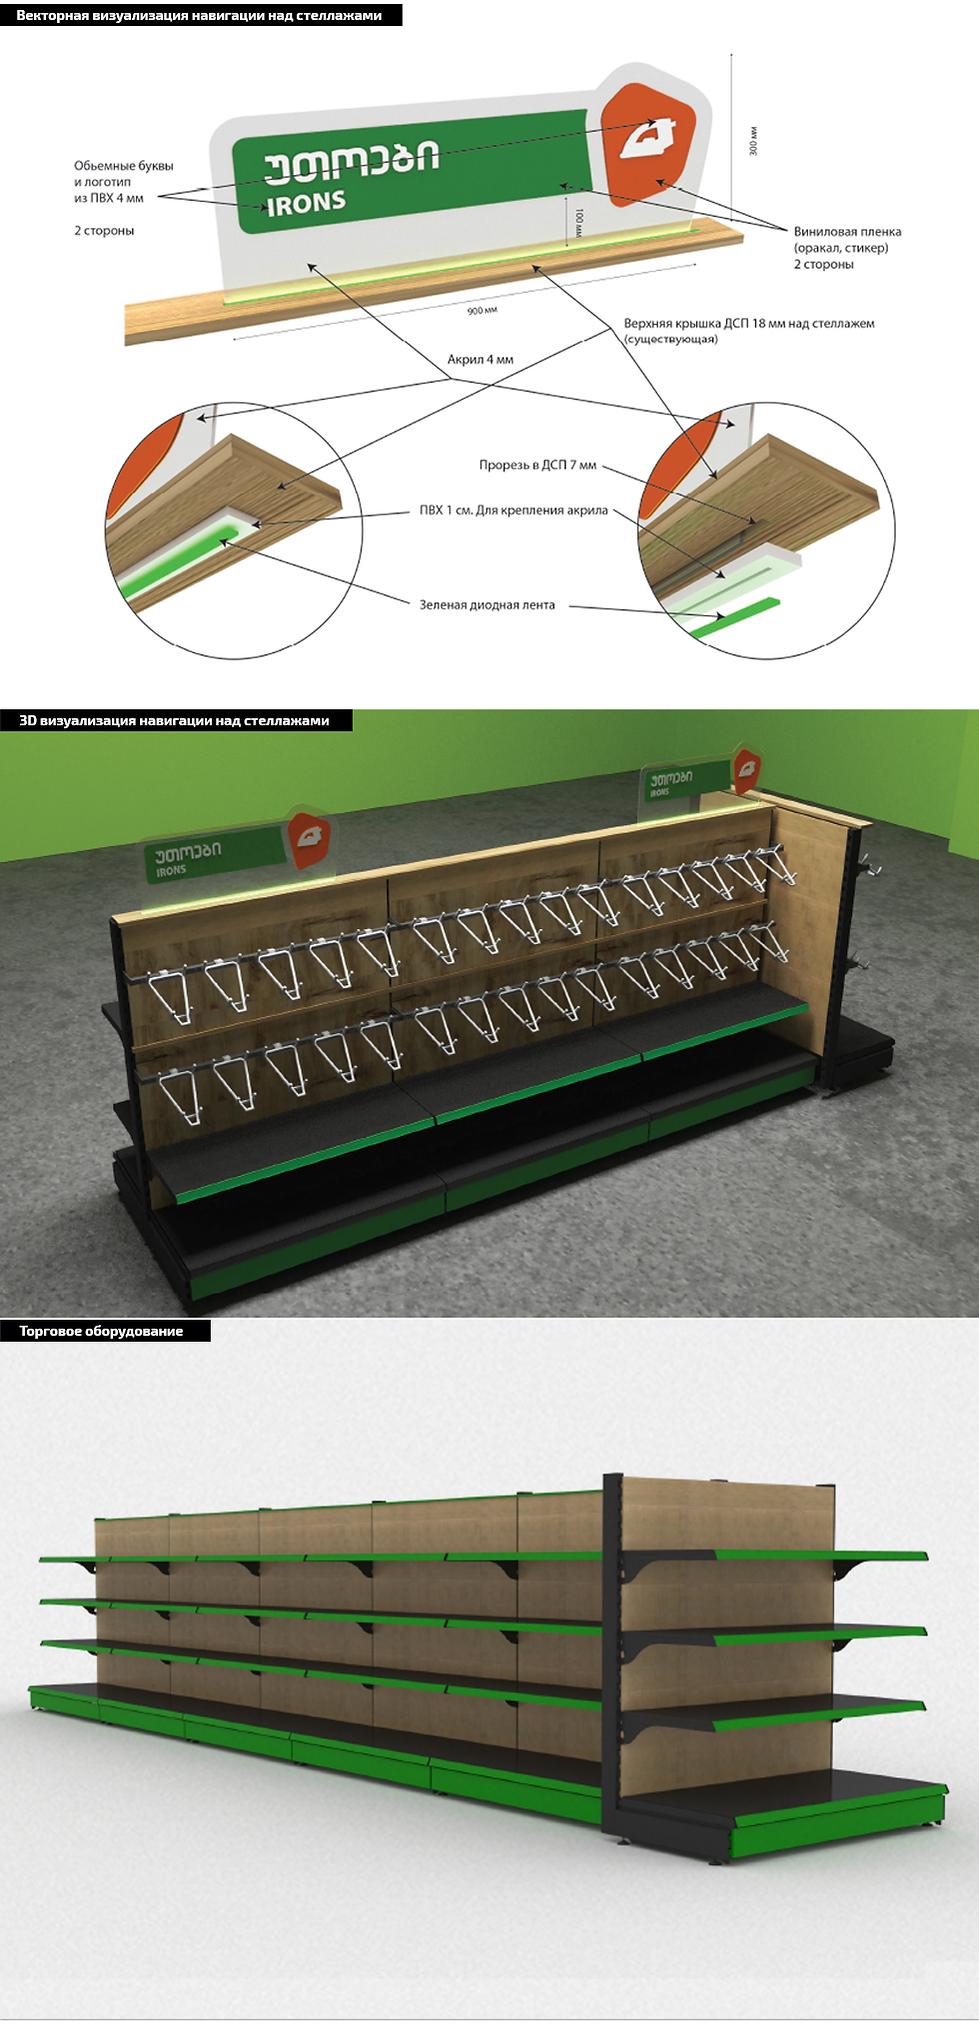 дизайн навигации для магазина